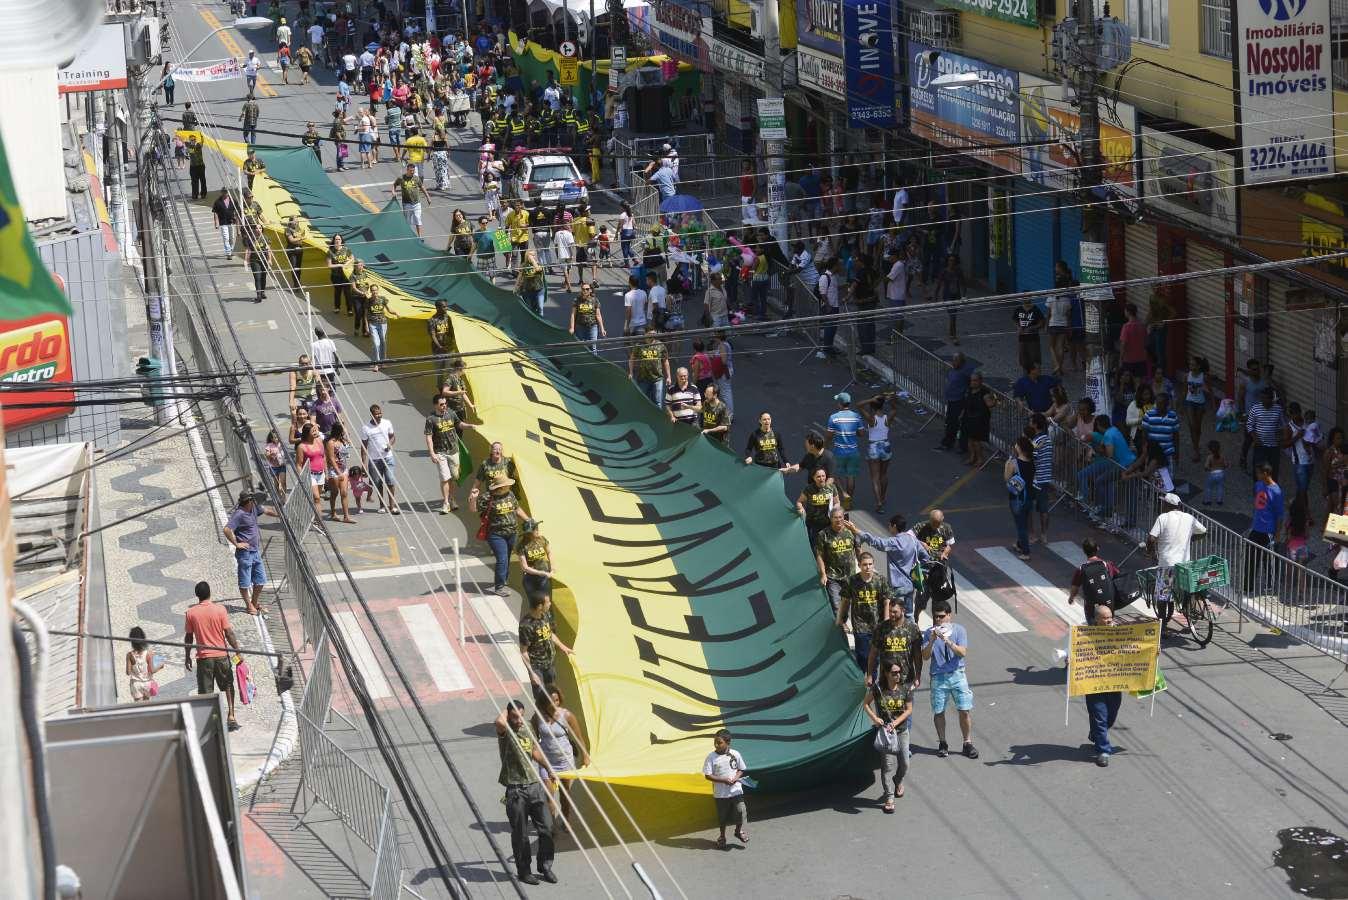 """Faixa exibida durante protesto pede """"intervenção constitucional"""" no país"""